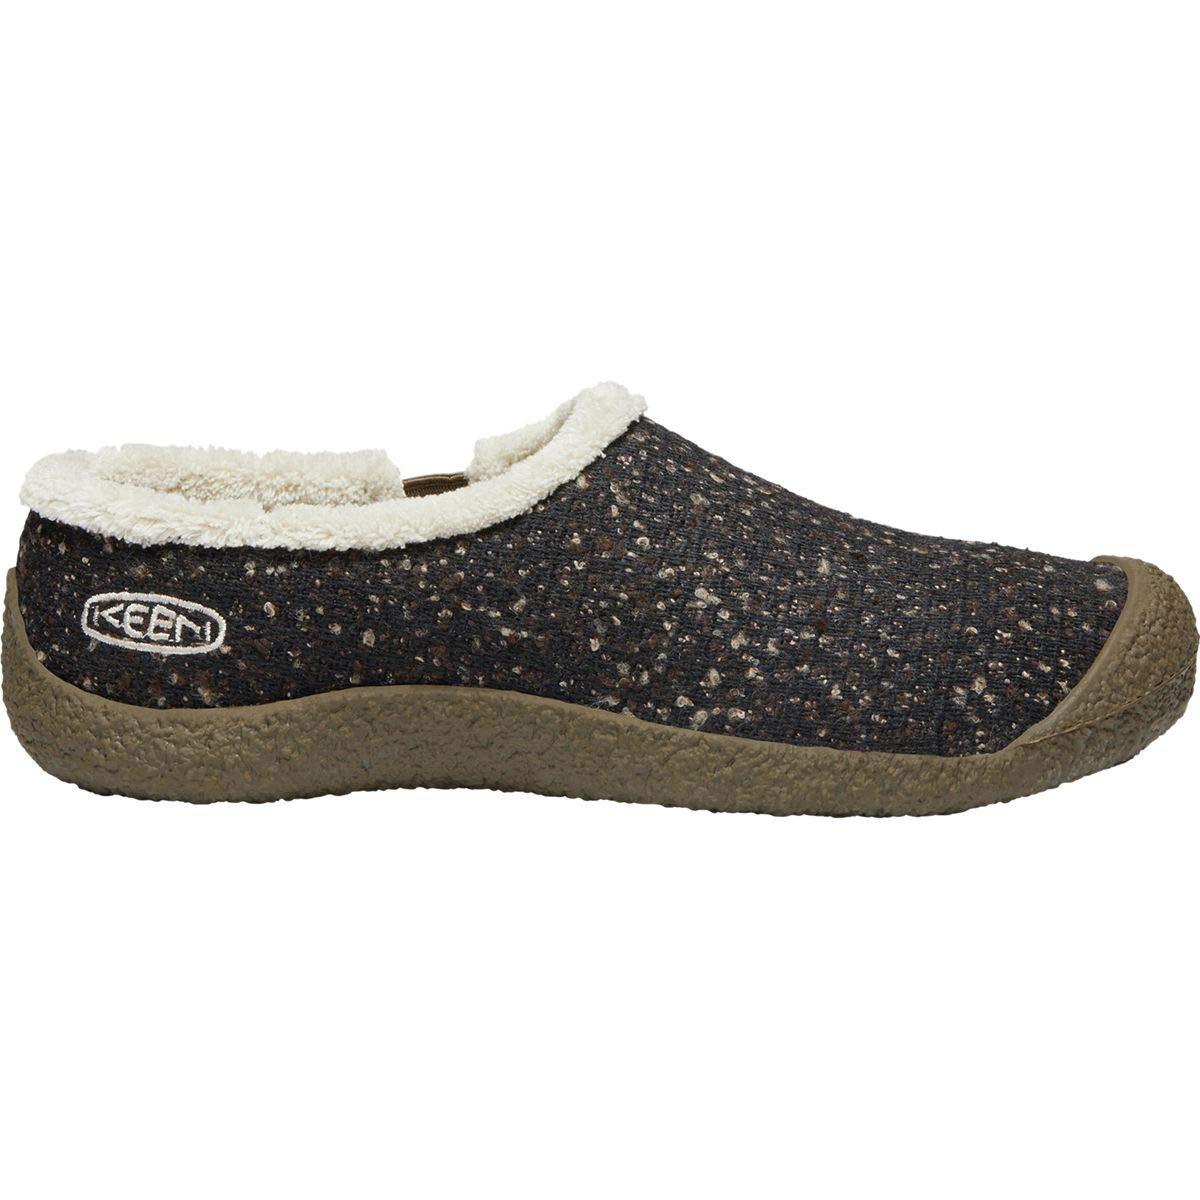 KEEN Women's Howser Slide Wool Clog, Canteen/Pelican, 10 M US